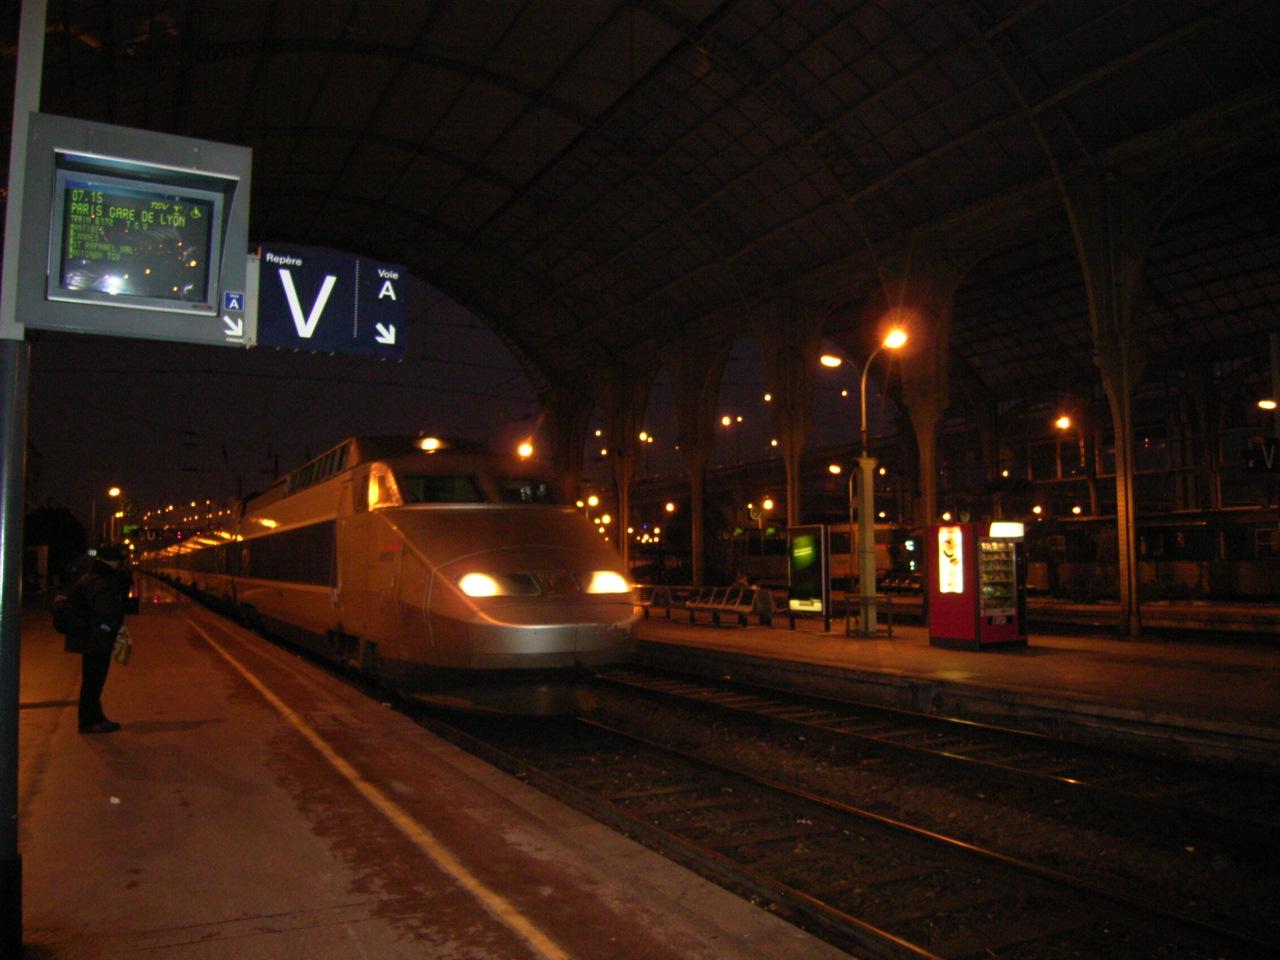 TGV(ニース~パリ)